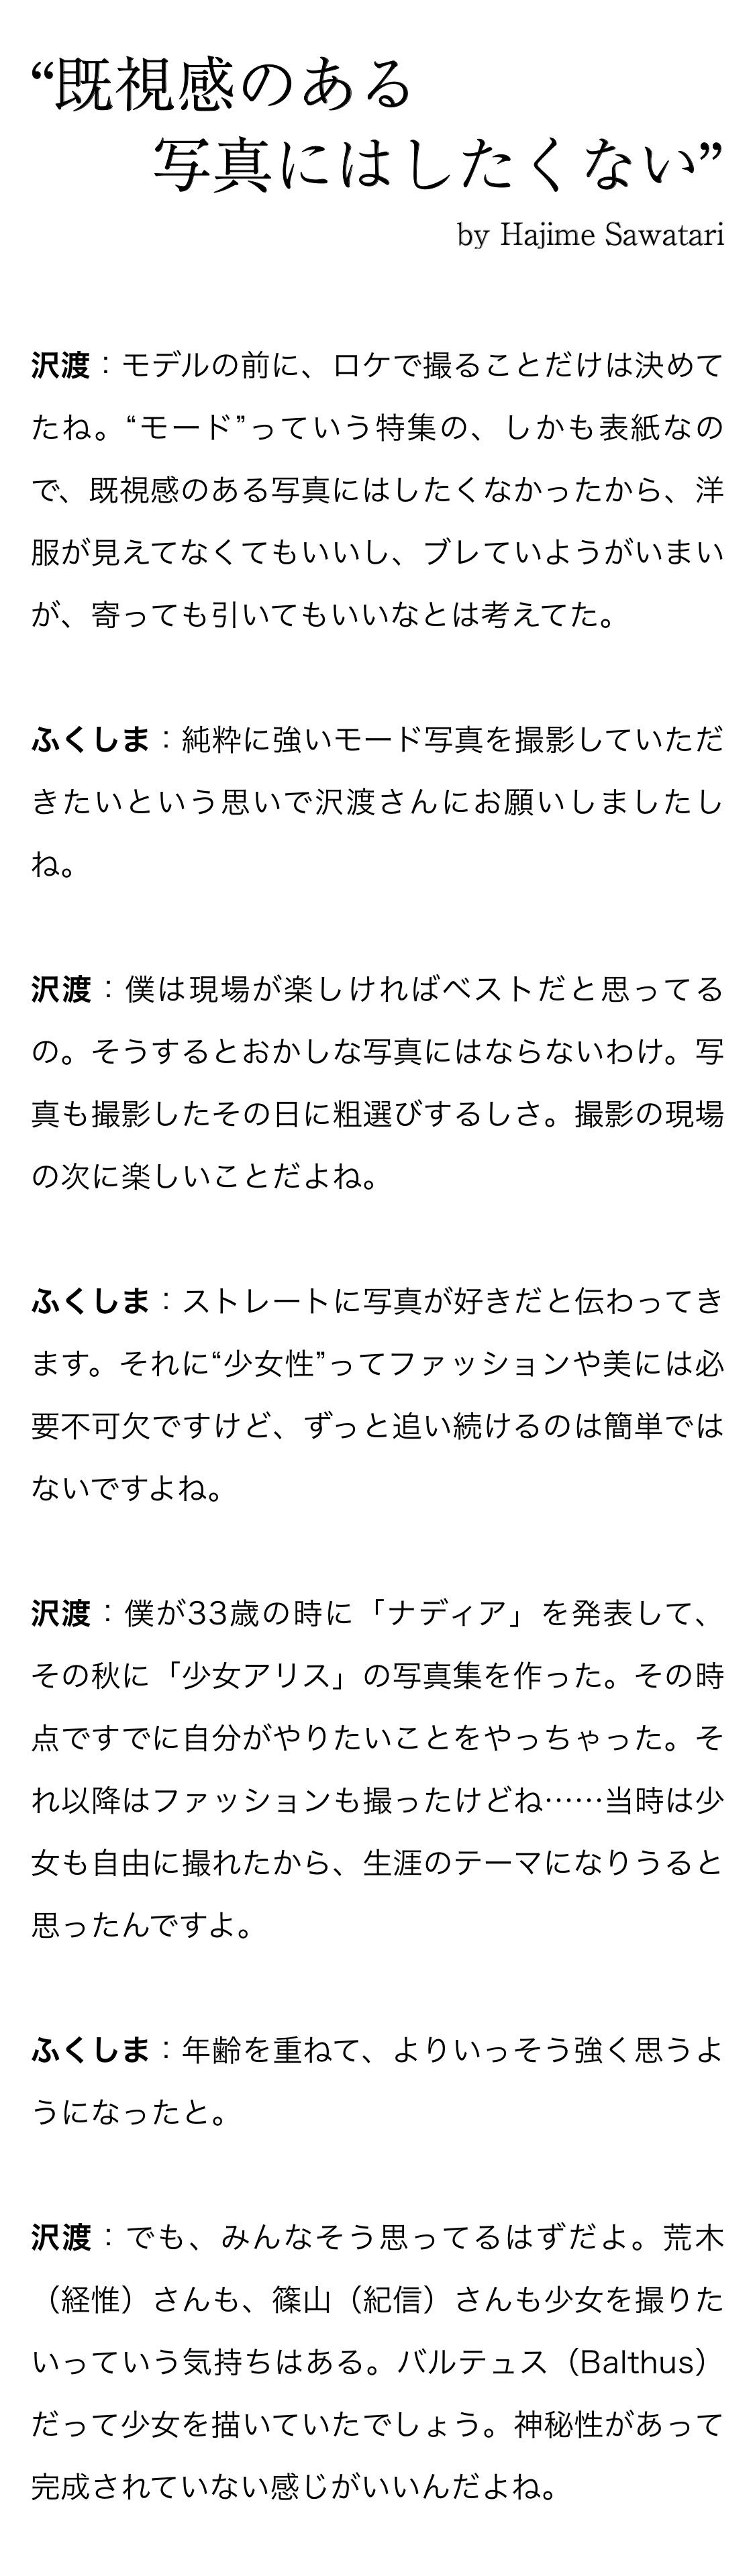 """""""既視感のある写真にはしたくない"""" by Hajime Sawatari 沢渡:モデルの前に、ロケで撮ることだけは決めてたね。""""モード""""っていう特集の、しかも表紙なので、既視感のある写真にはしたくなかったから、洋服が見えてなくてもいいし、ブレていようがいまいが、寄っても引いてもいいなとは考えてた。 ふくしま:純粋に強いモード写真を撮影していただきたいという思いで沢渡さんにお願いしましたしね。 沢渡:僕は現場が楽しければベストだと思ってるの。そうするとおかしな写真にはならないわけ。写真も撮影したその日に粗選びするしさ。撮影の現場の次に楽しいことだよね。 ふくしま:ストレートに写真が好きだと伝わってきます。それに""""少女性""""ってファッションや美には必要不可欠ですけど、ずっと追い続けるのは簡単ではないですよね。 沢渡:僕が33歳の時に「ナディア」を発表して、その秋に「少女アリス」の写真集を作った。その時点ですでに自分がやりたいことをやっちゃった。それ以降はファッションも撮ったけどね……当時は少女も自由に撮れたから、生涯のテーマになりうると思ったんですよ。 ふくしま:年齢を重ねて、よりいっそう強く思うようになったと。 沢渡:でも、みんなそう思ってるはずだよ。荒木(経惟)さんも、篠山(紀信)さんも少女を撮りたいっていう気持ちはある。バルテュス(Balthus)だって少女を描いていたでしょう。神秘性があって完成されていない感じがいいんだよね。"""